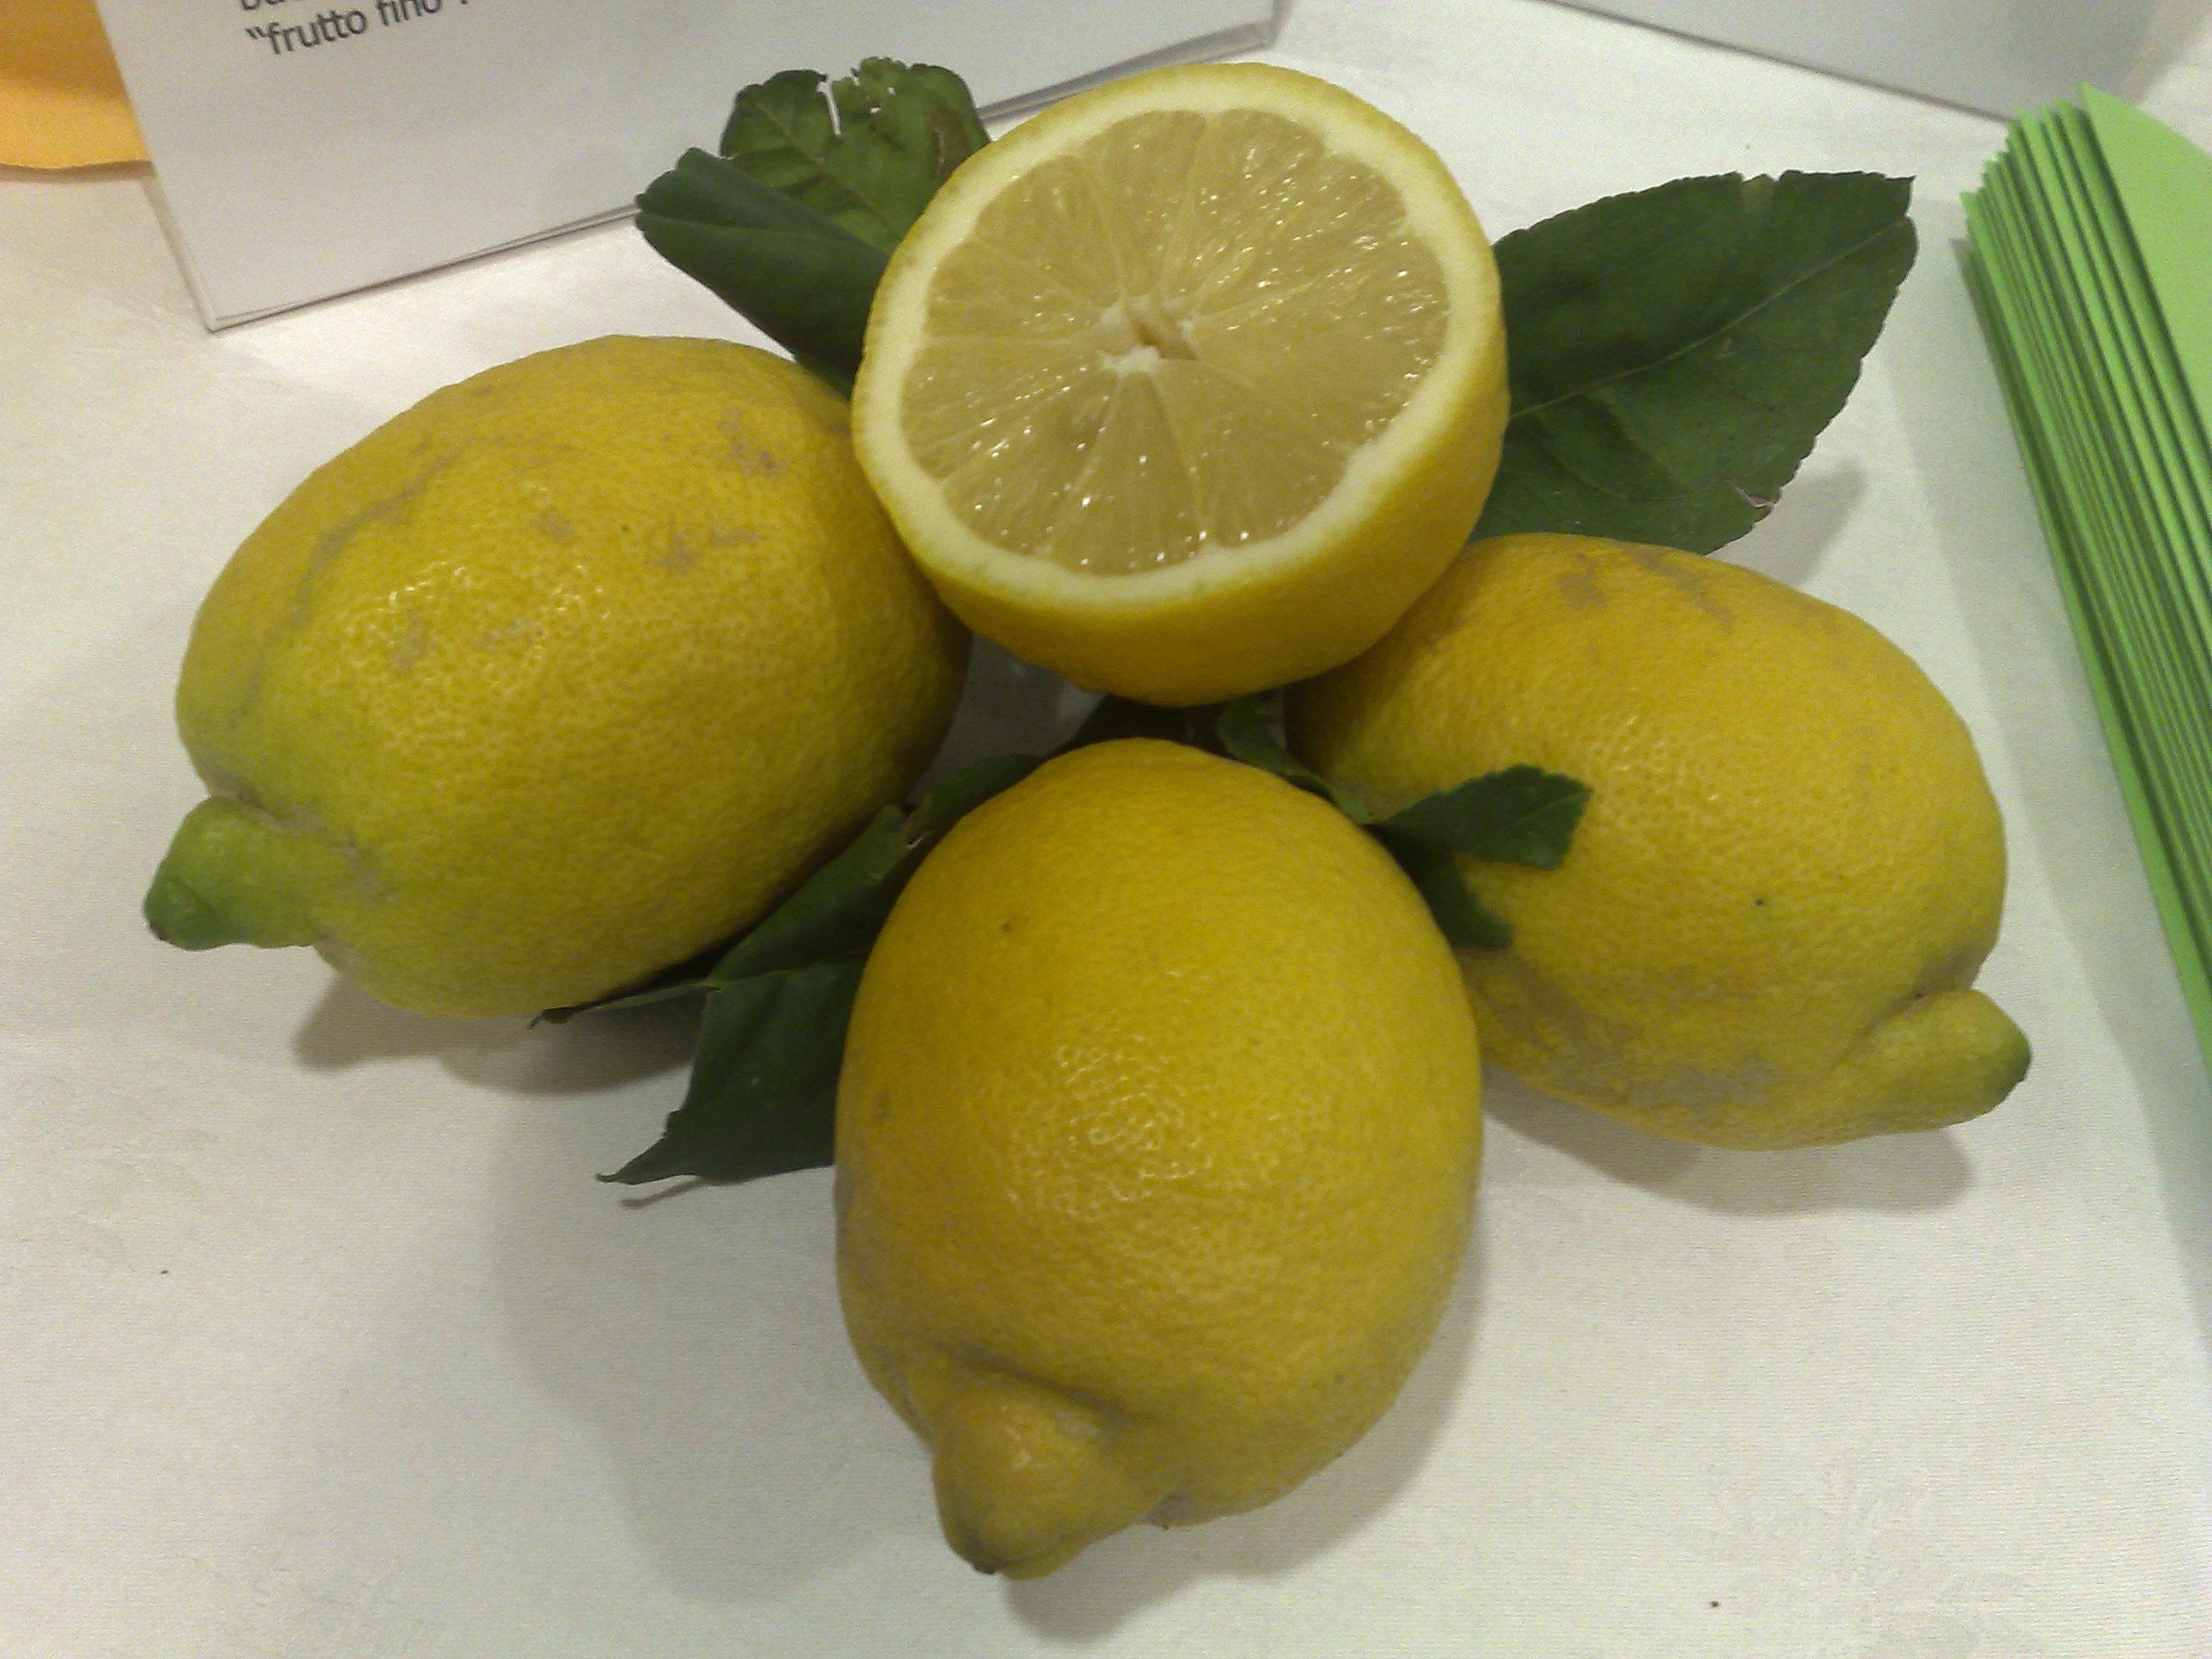 Cibo sano, pulito e giusto: il limone